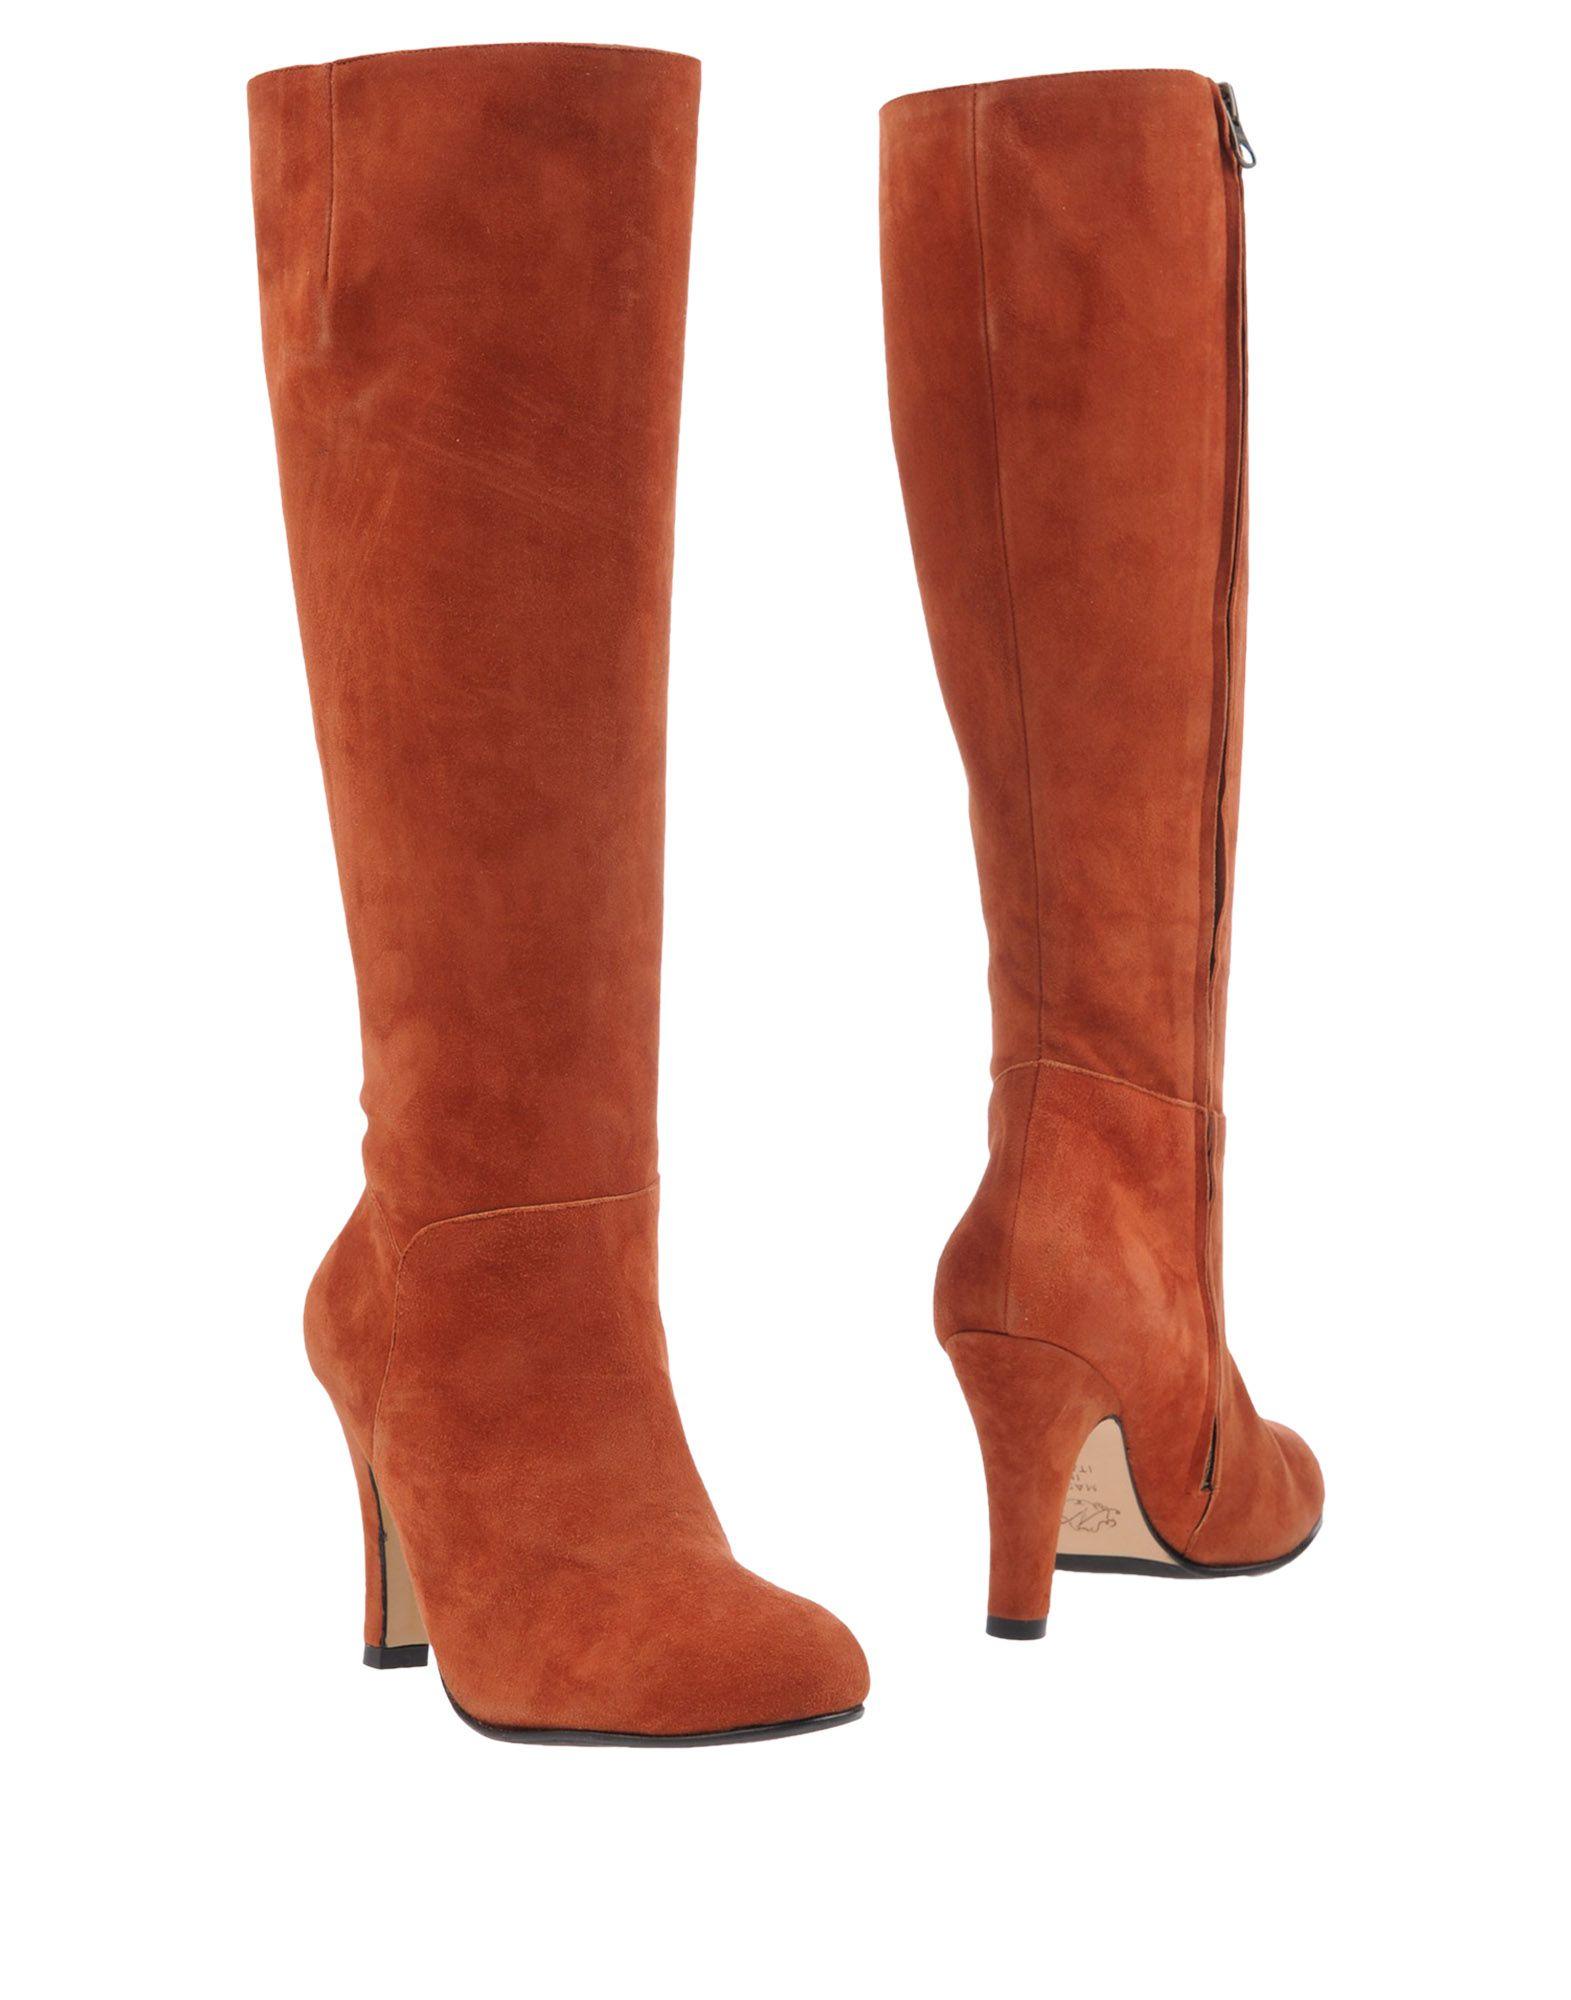 Stilvolle billige Schuhe Lenora Stiefel Damen  11226975NI 11226975NI 11226975NI 84e7f6